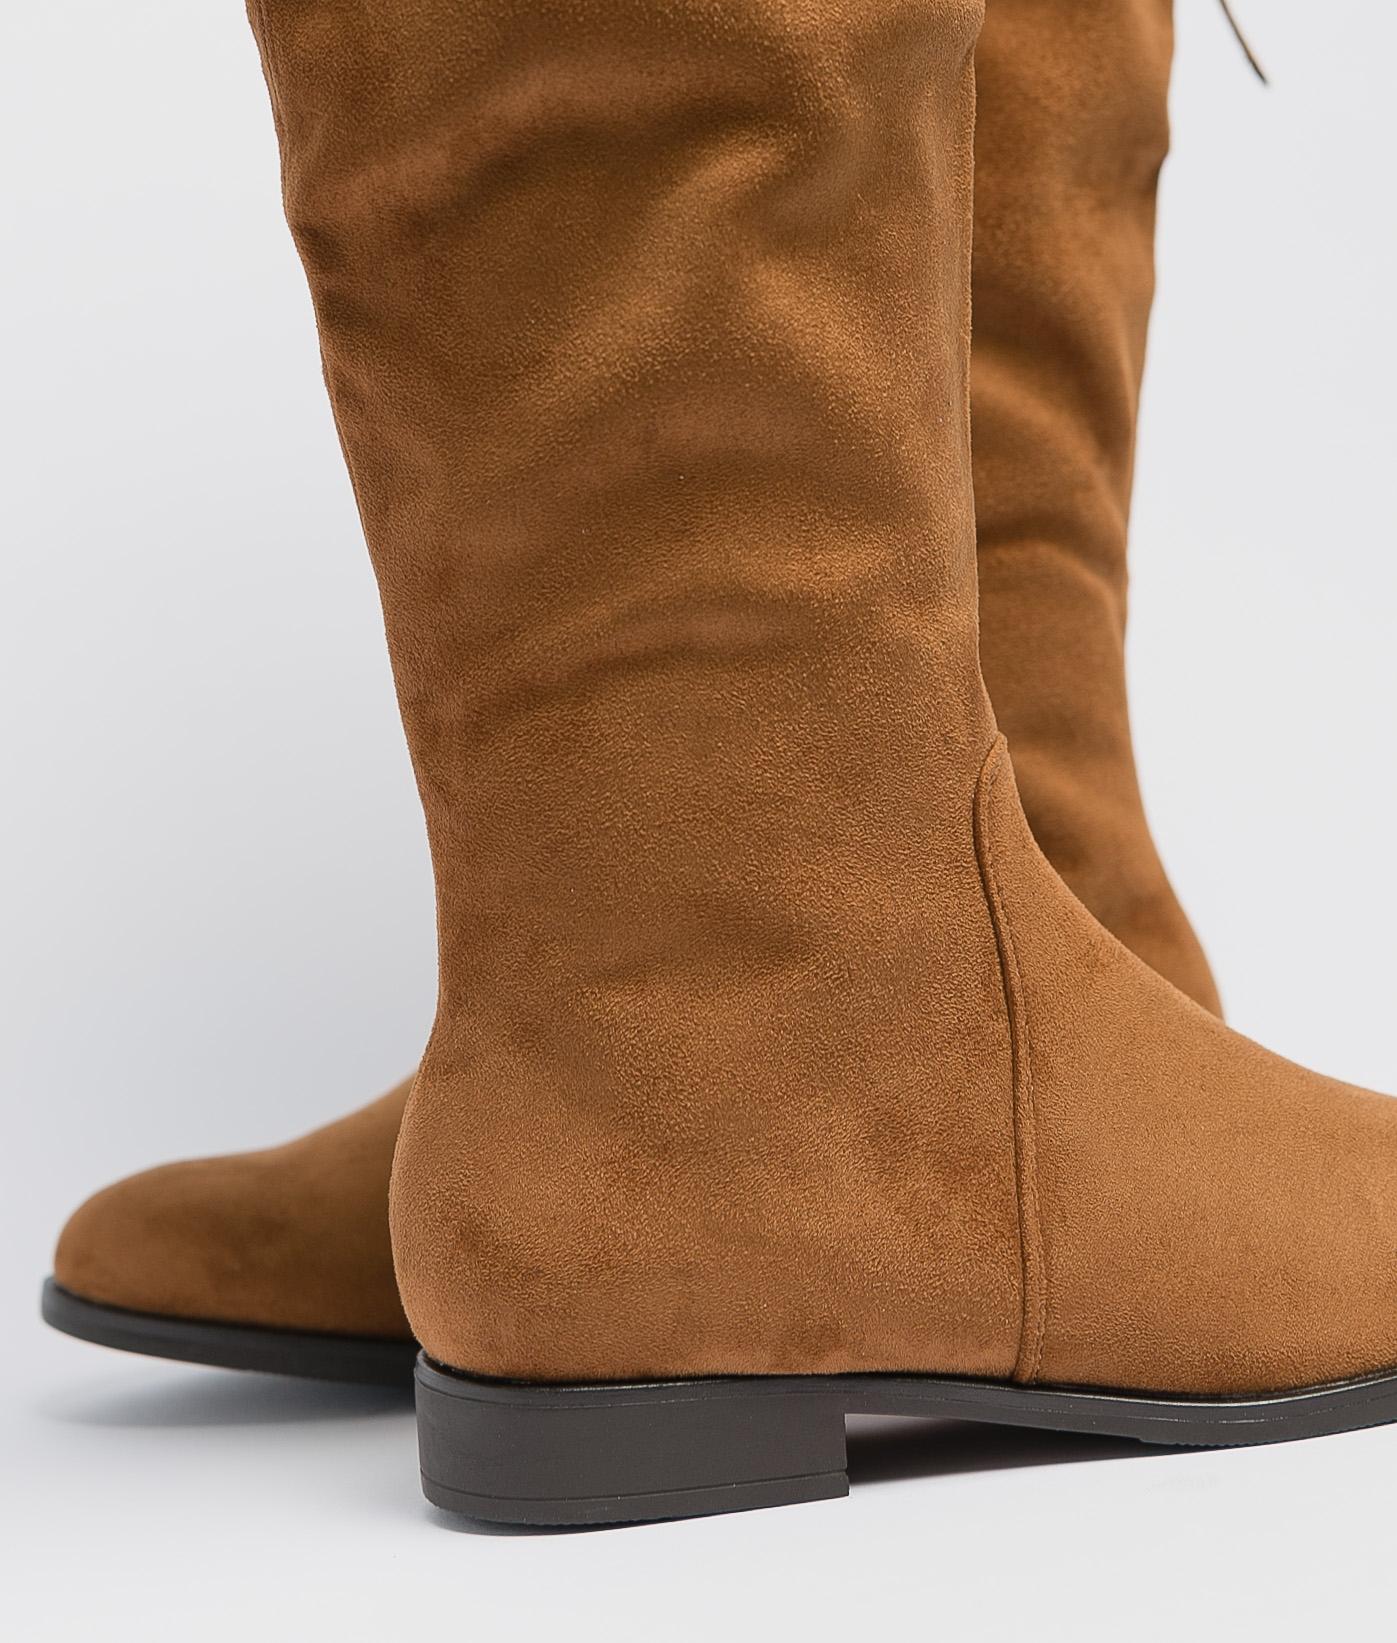 Knee-Length Boot Neria - Camel